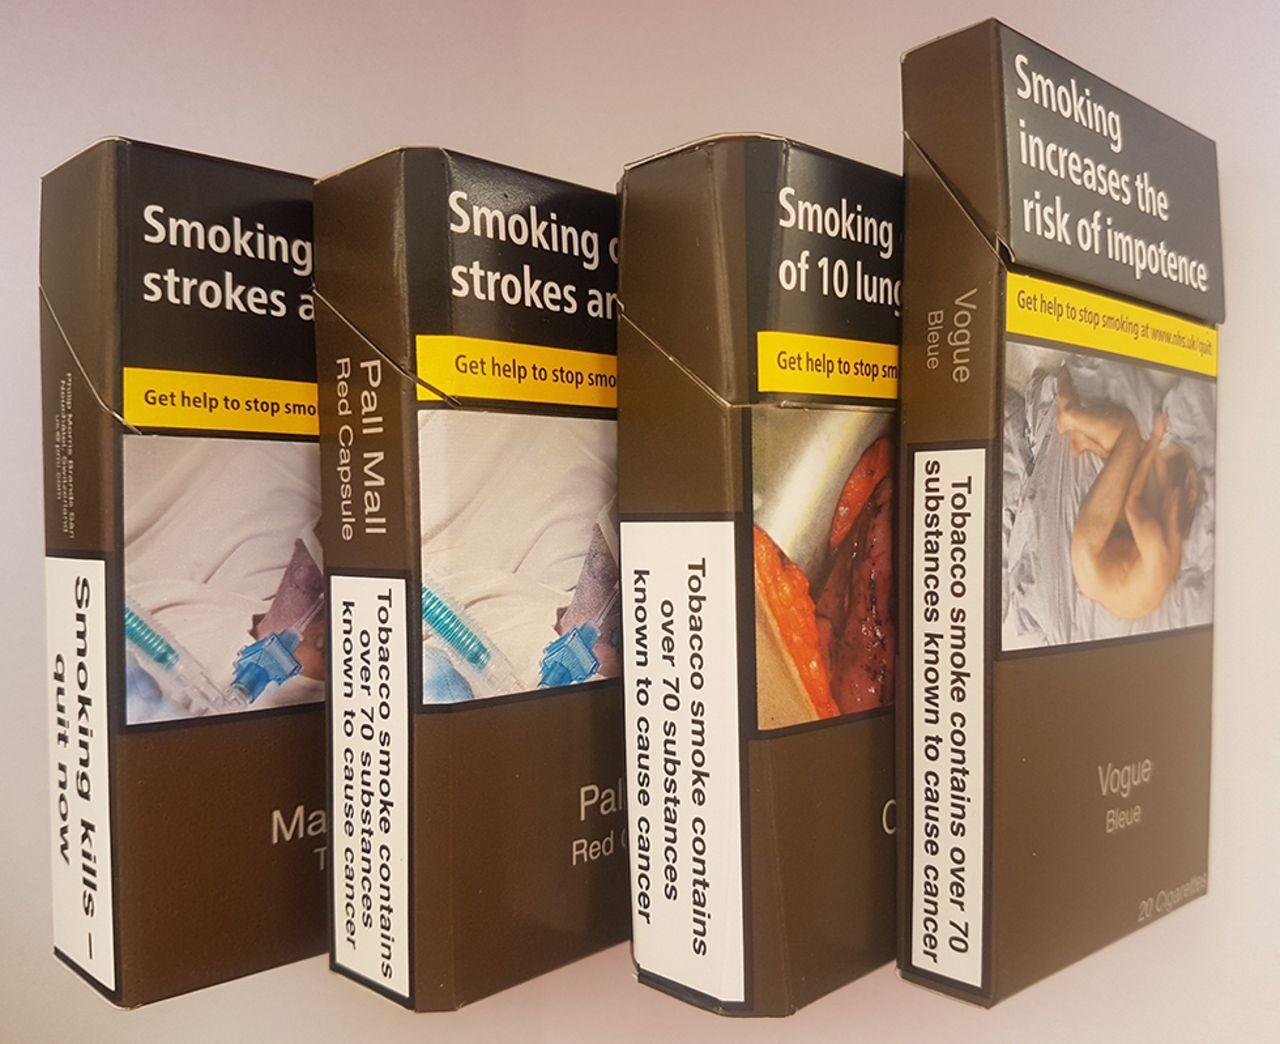 Wholesale cigarettes Manchester